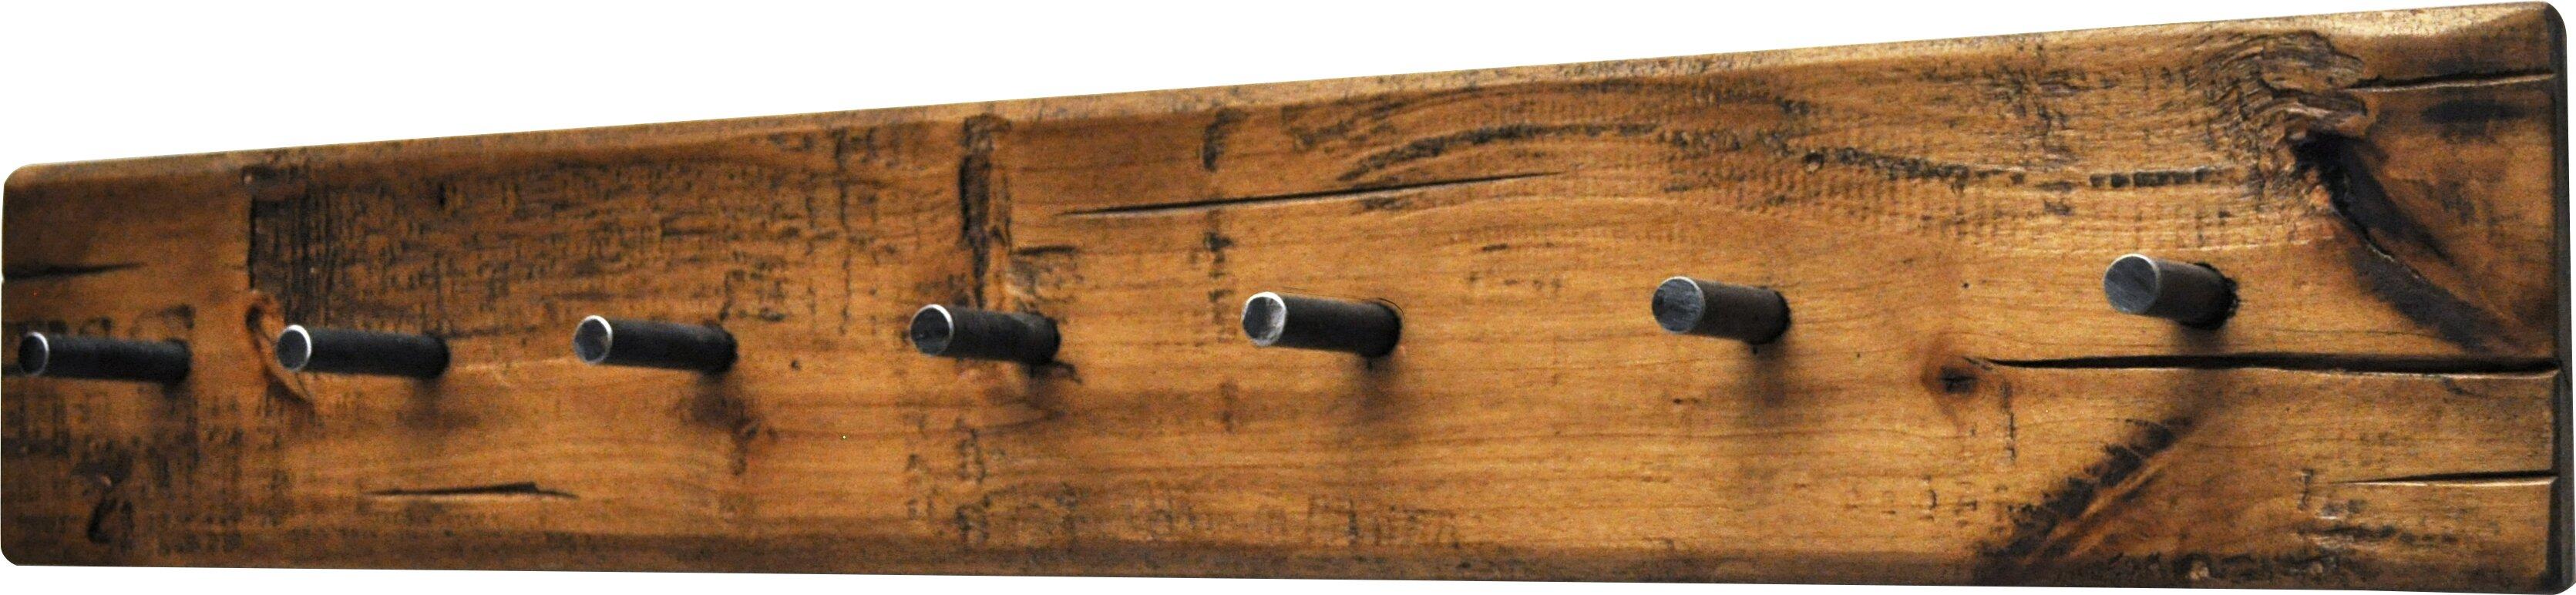 loon peak rustic plank wall mounted coat rack  reviews  wayfair -  wall mounted coat racks  umbrella stands sku qlqv defaultname